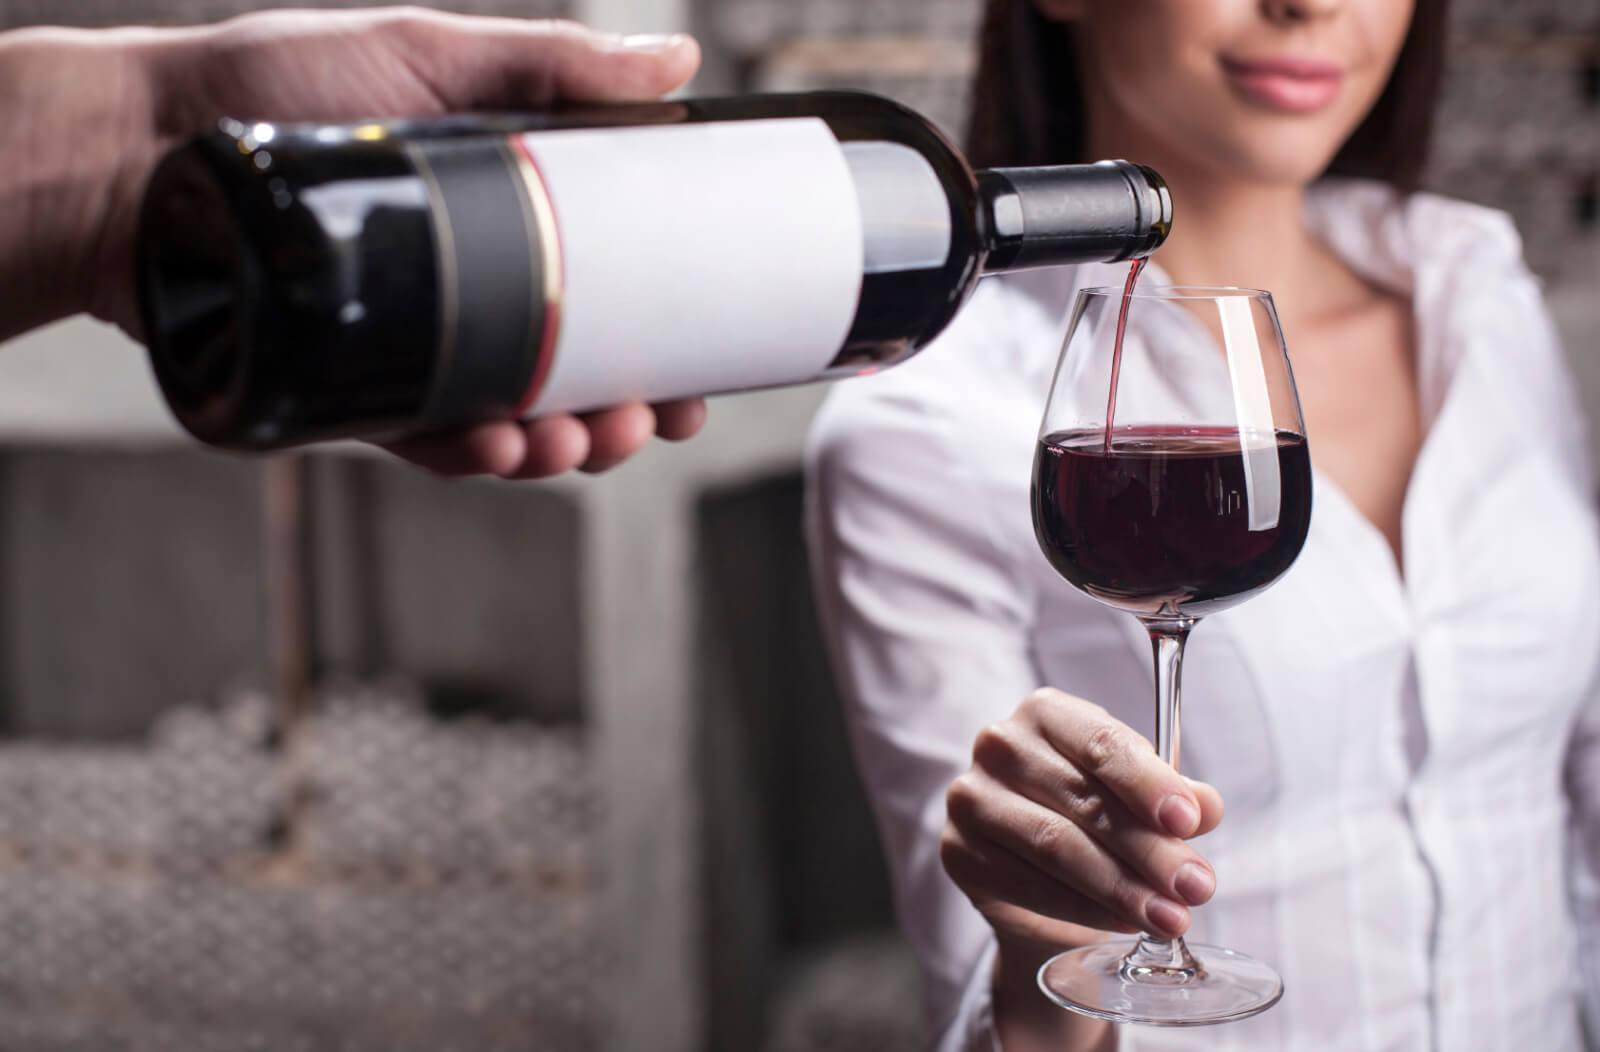 Алкоголь и диабет 2 типа - совместимы или нет